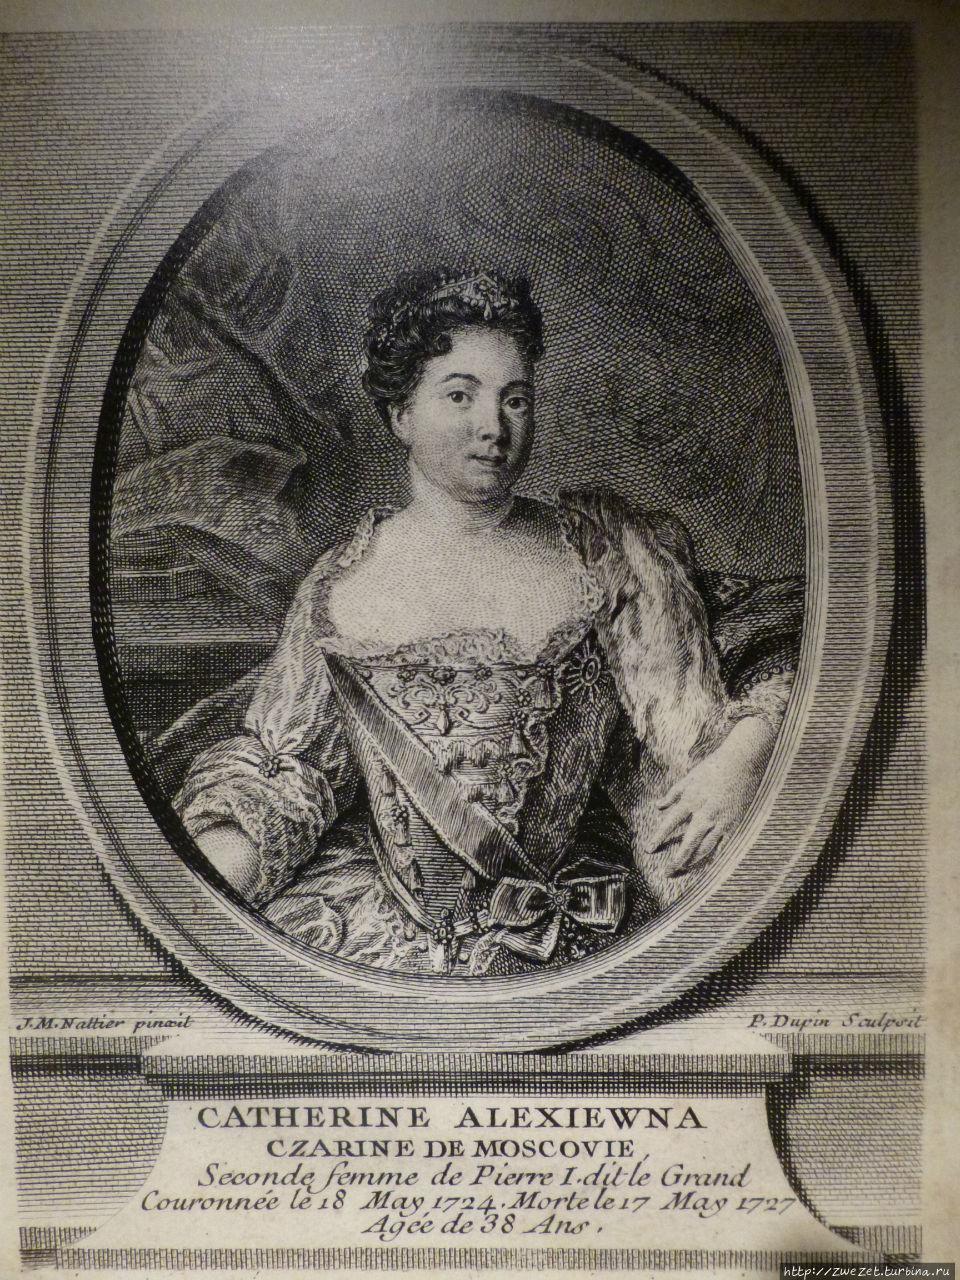 В честь этой своеобразной дамы простого происхождения, ставшей первой российской императрицей, получил свое имя славный город на Урале